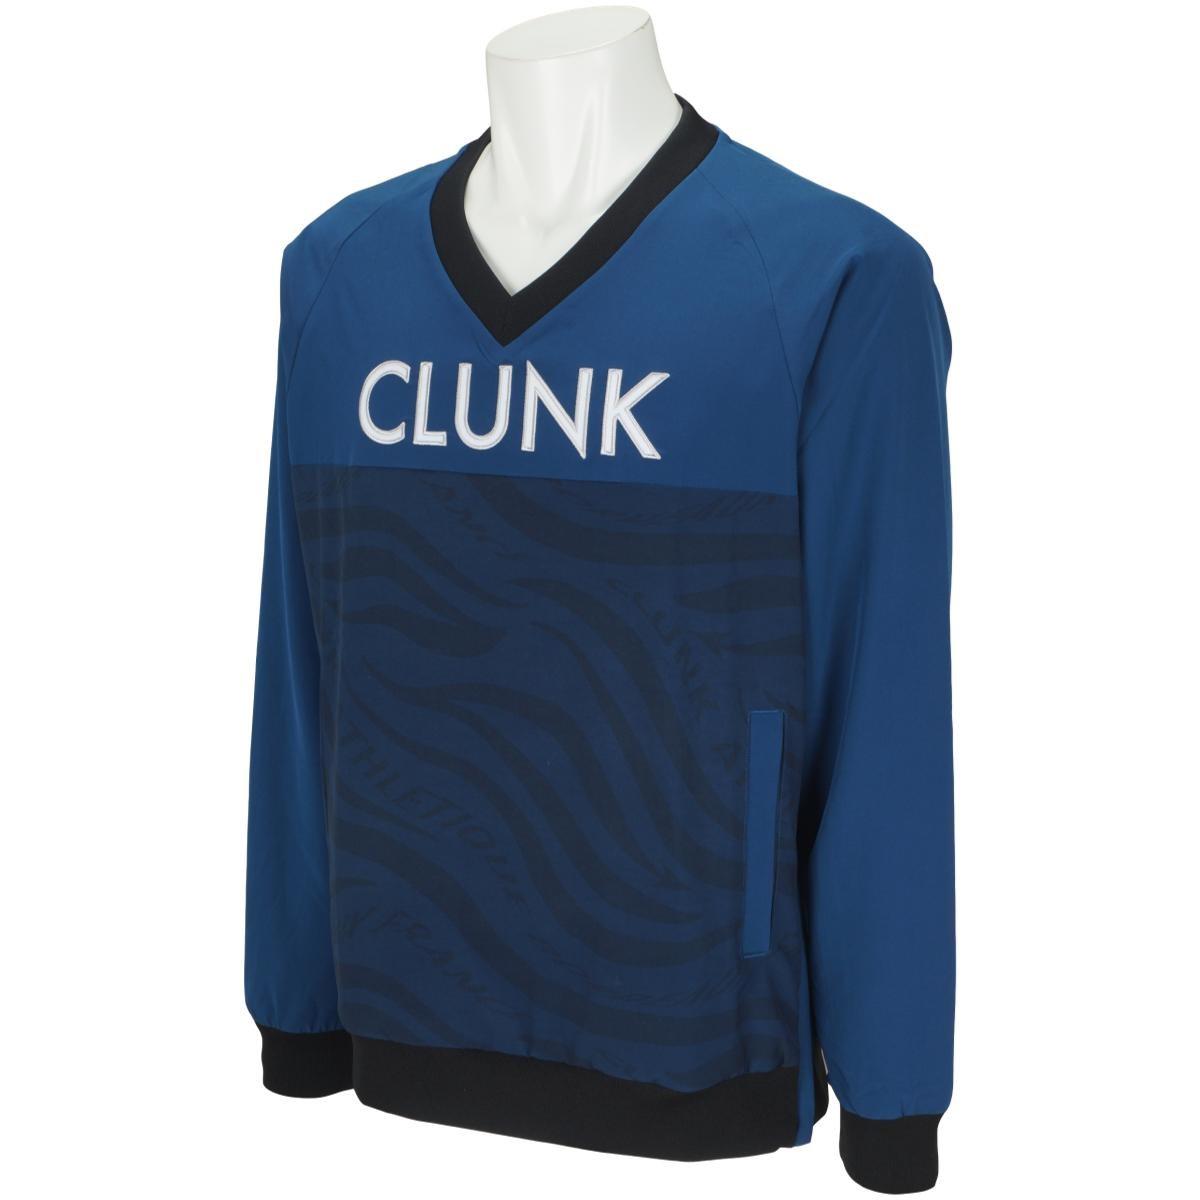 クランク(Clunk) ストレッチウィンドプルオーバー